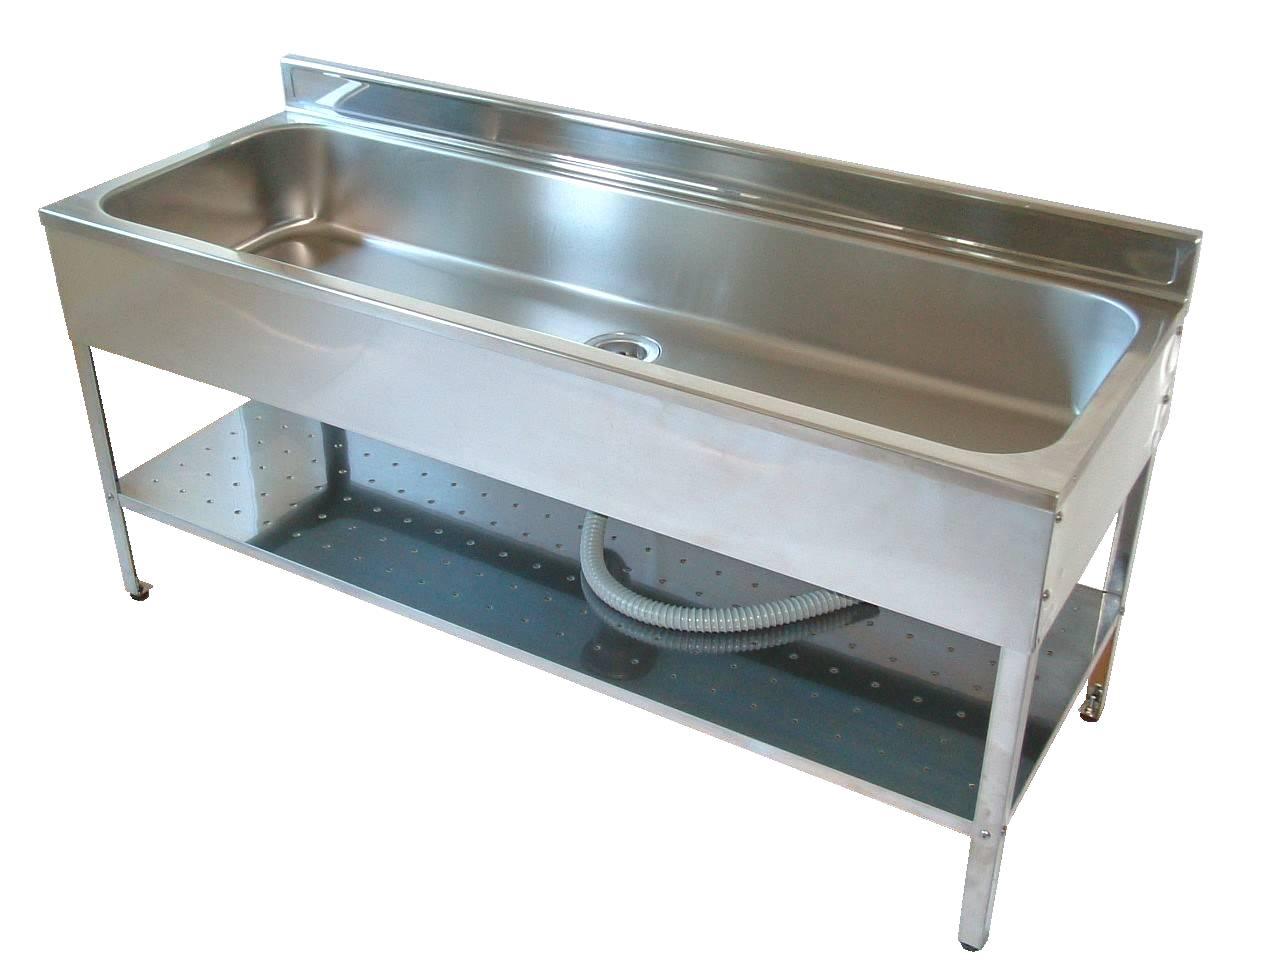 アウトドアキッチンのステンレスの外流し台の150センチ幅